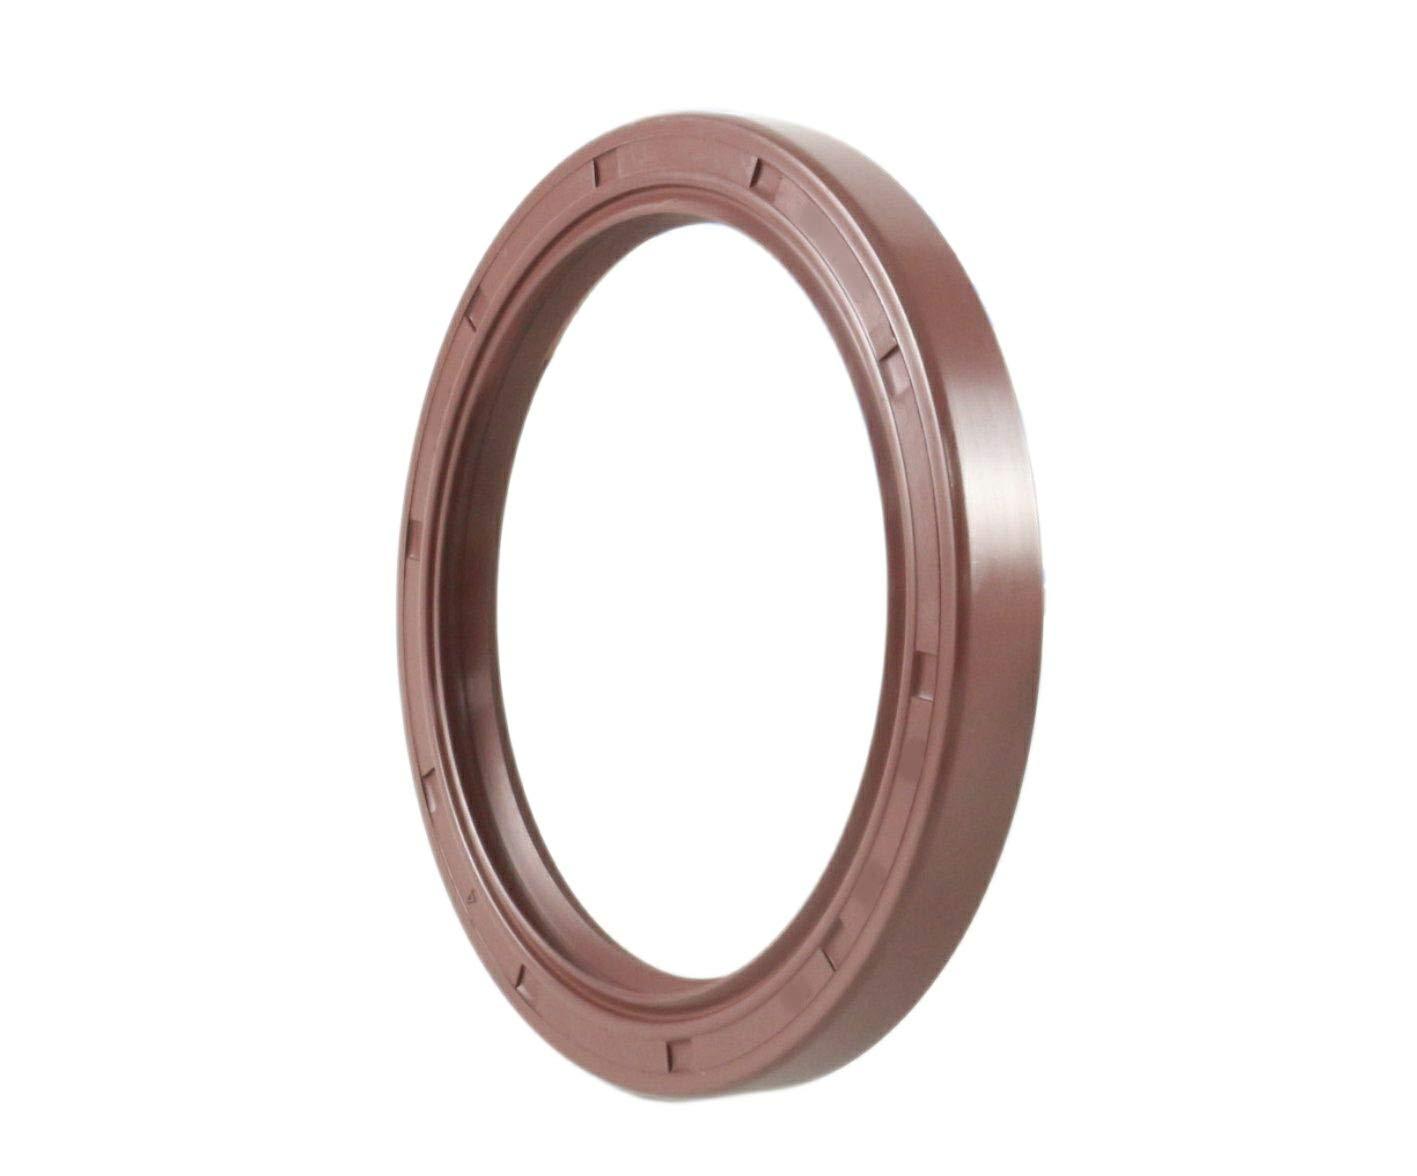 EAI VITON Oil Seal 68mm X 80mm 10mm Rapid rise Very popular! Lip TC 6 w Double St PCS